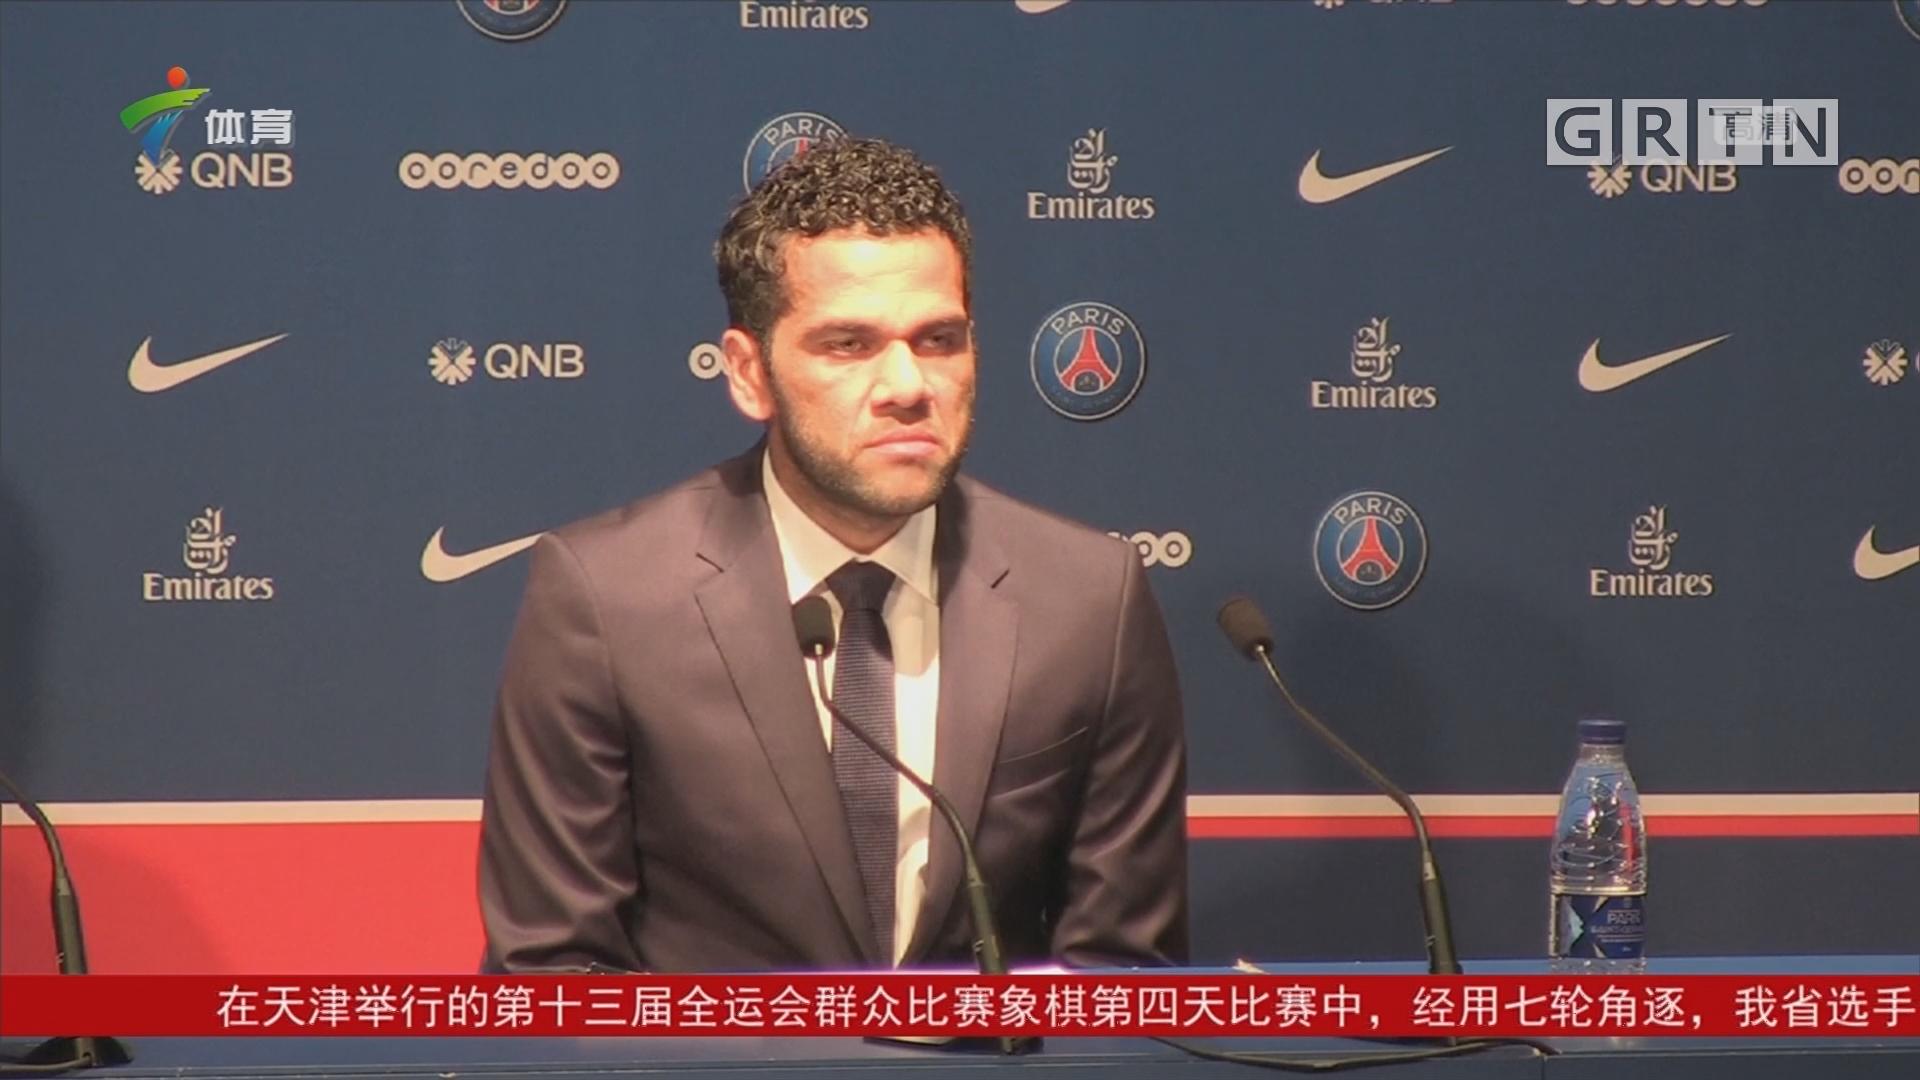 阿尔维斯:我要帮助巴黎夺取欧冠